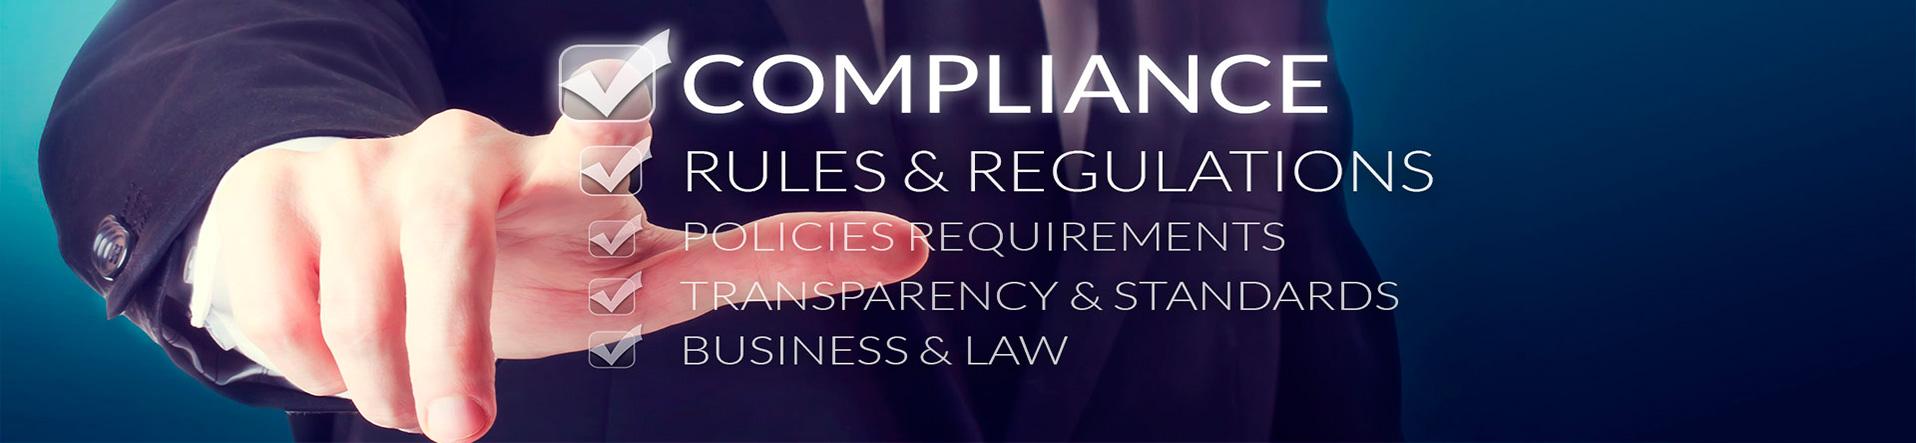 abogado compliance en coruña